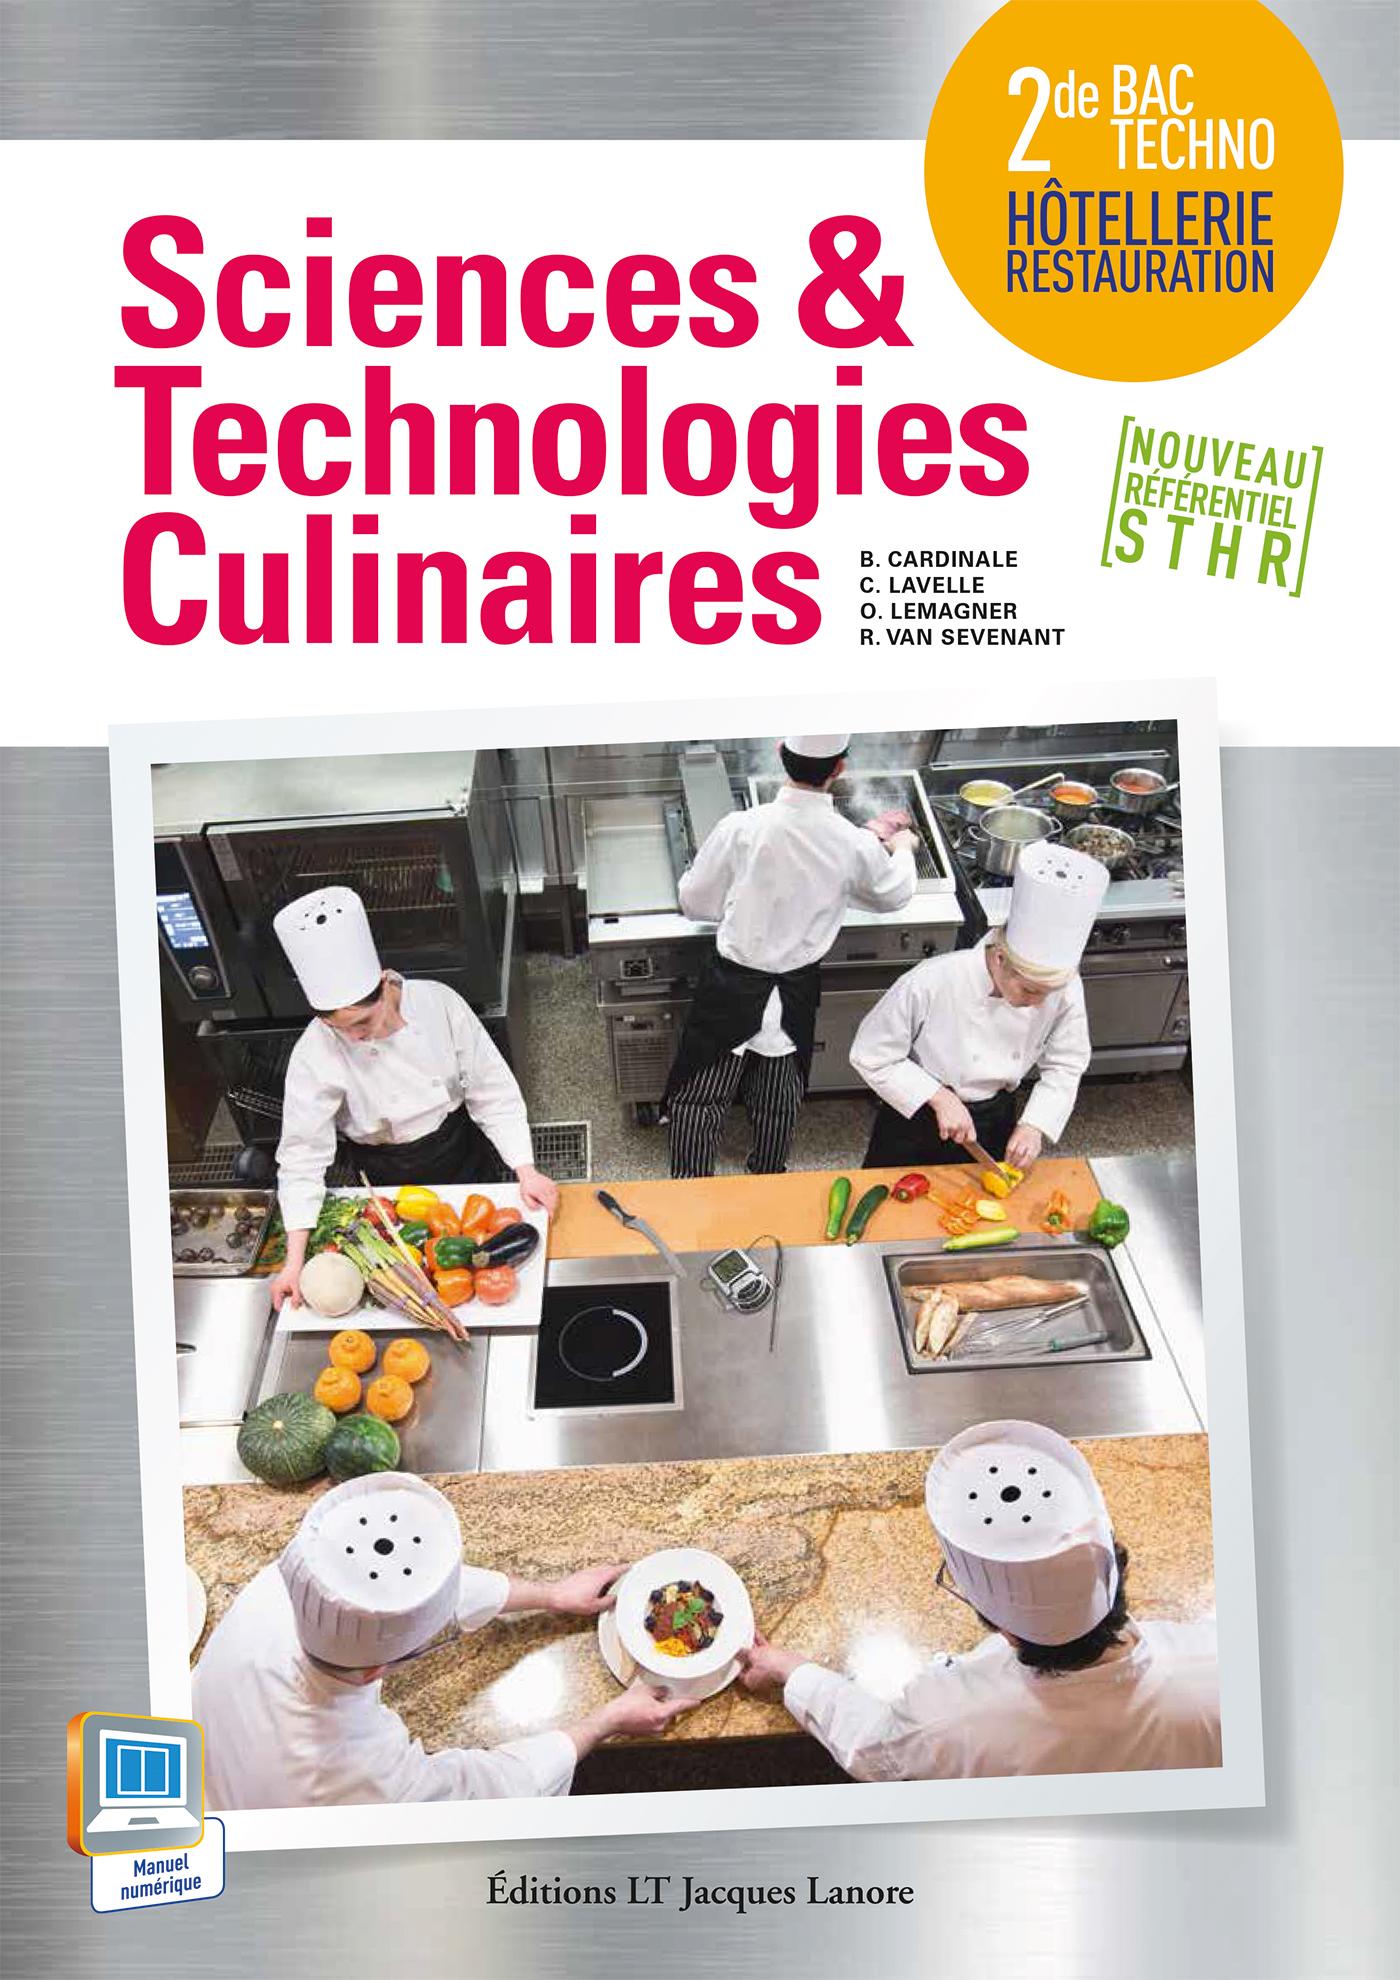 Sciences et technologies culinaires 2de bac techno sthr for Programme bac pro cuisine